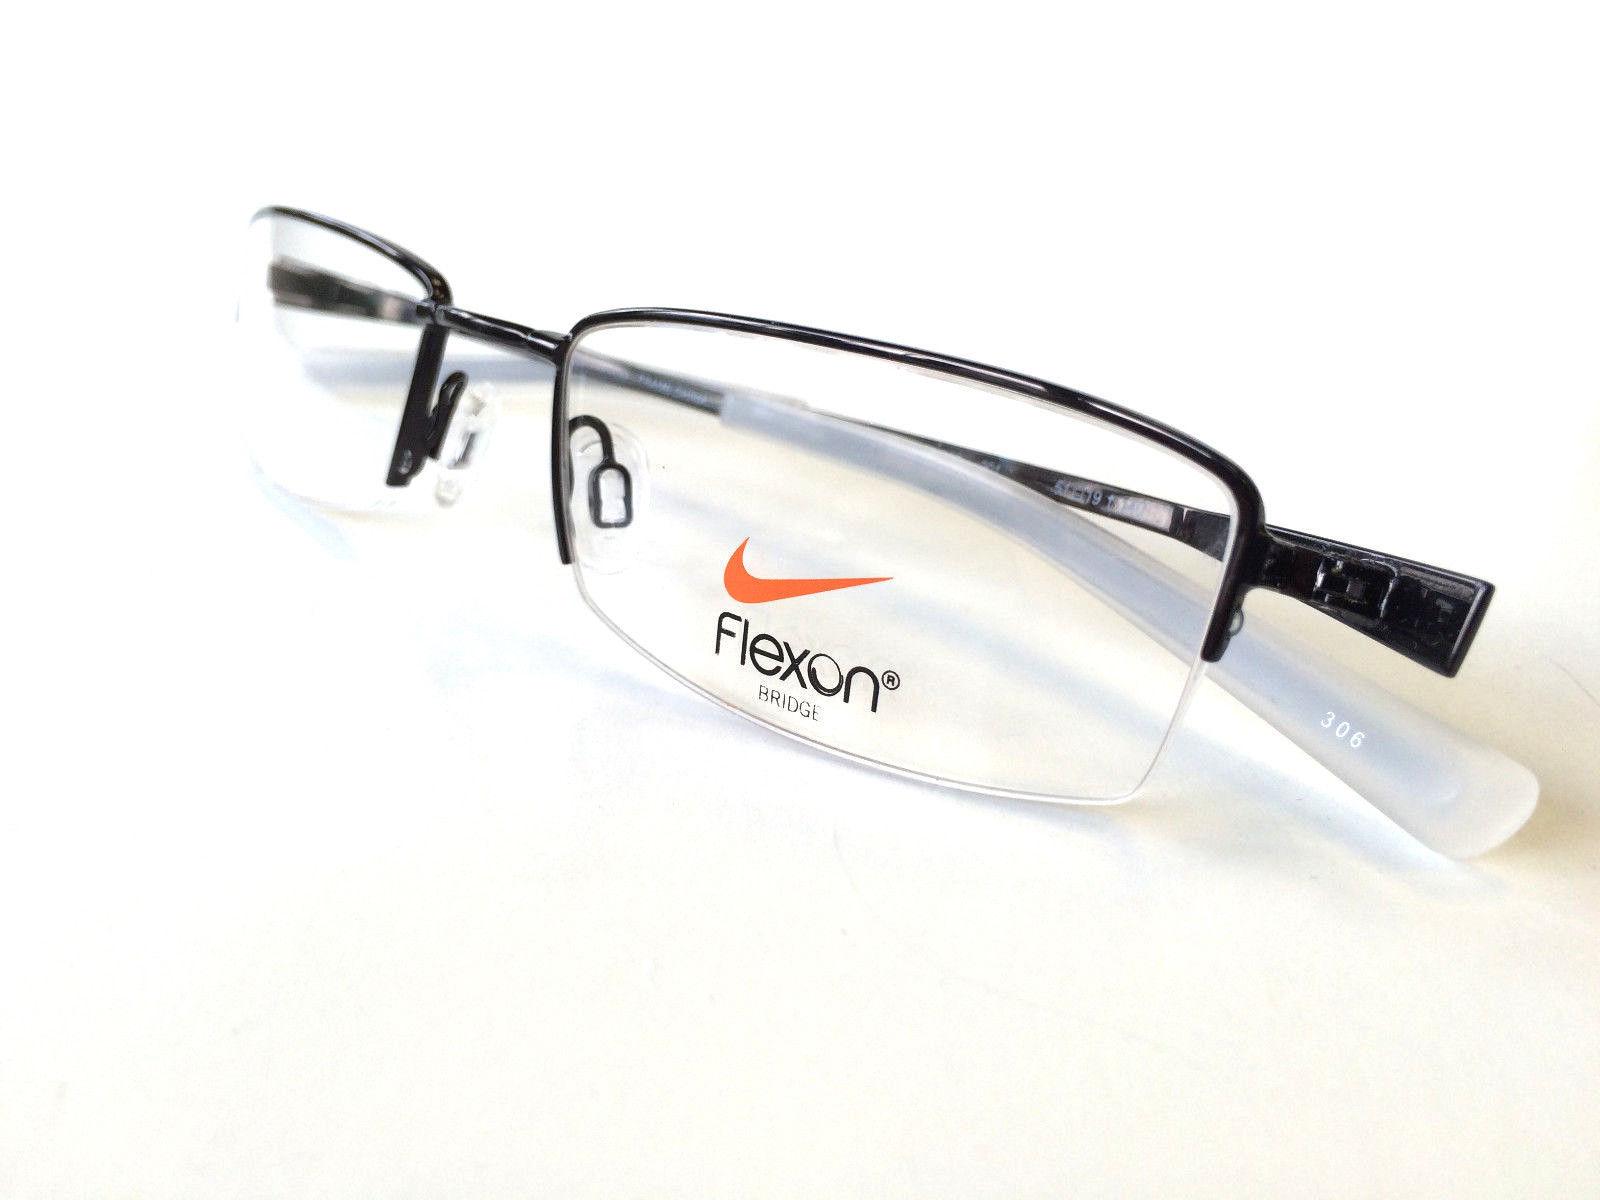 Flexon Rimless Eyeglasses Frames | United Nations System Chief ...